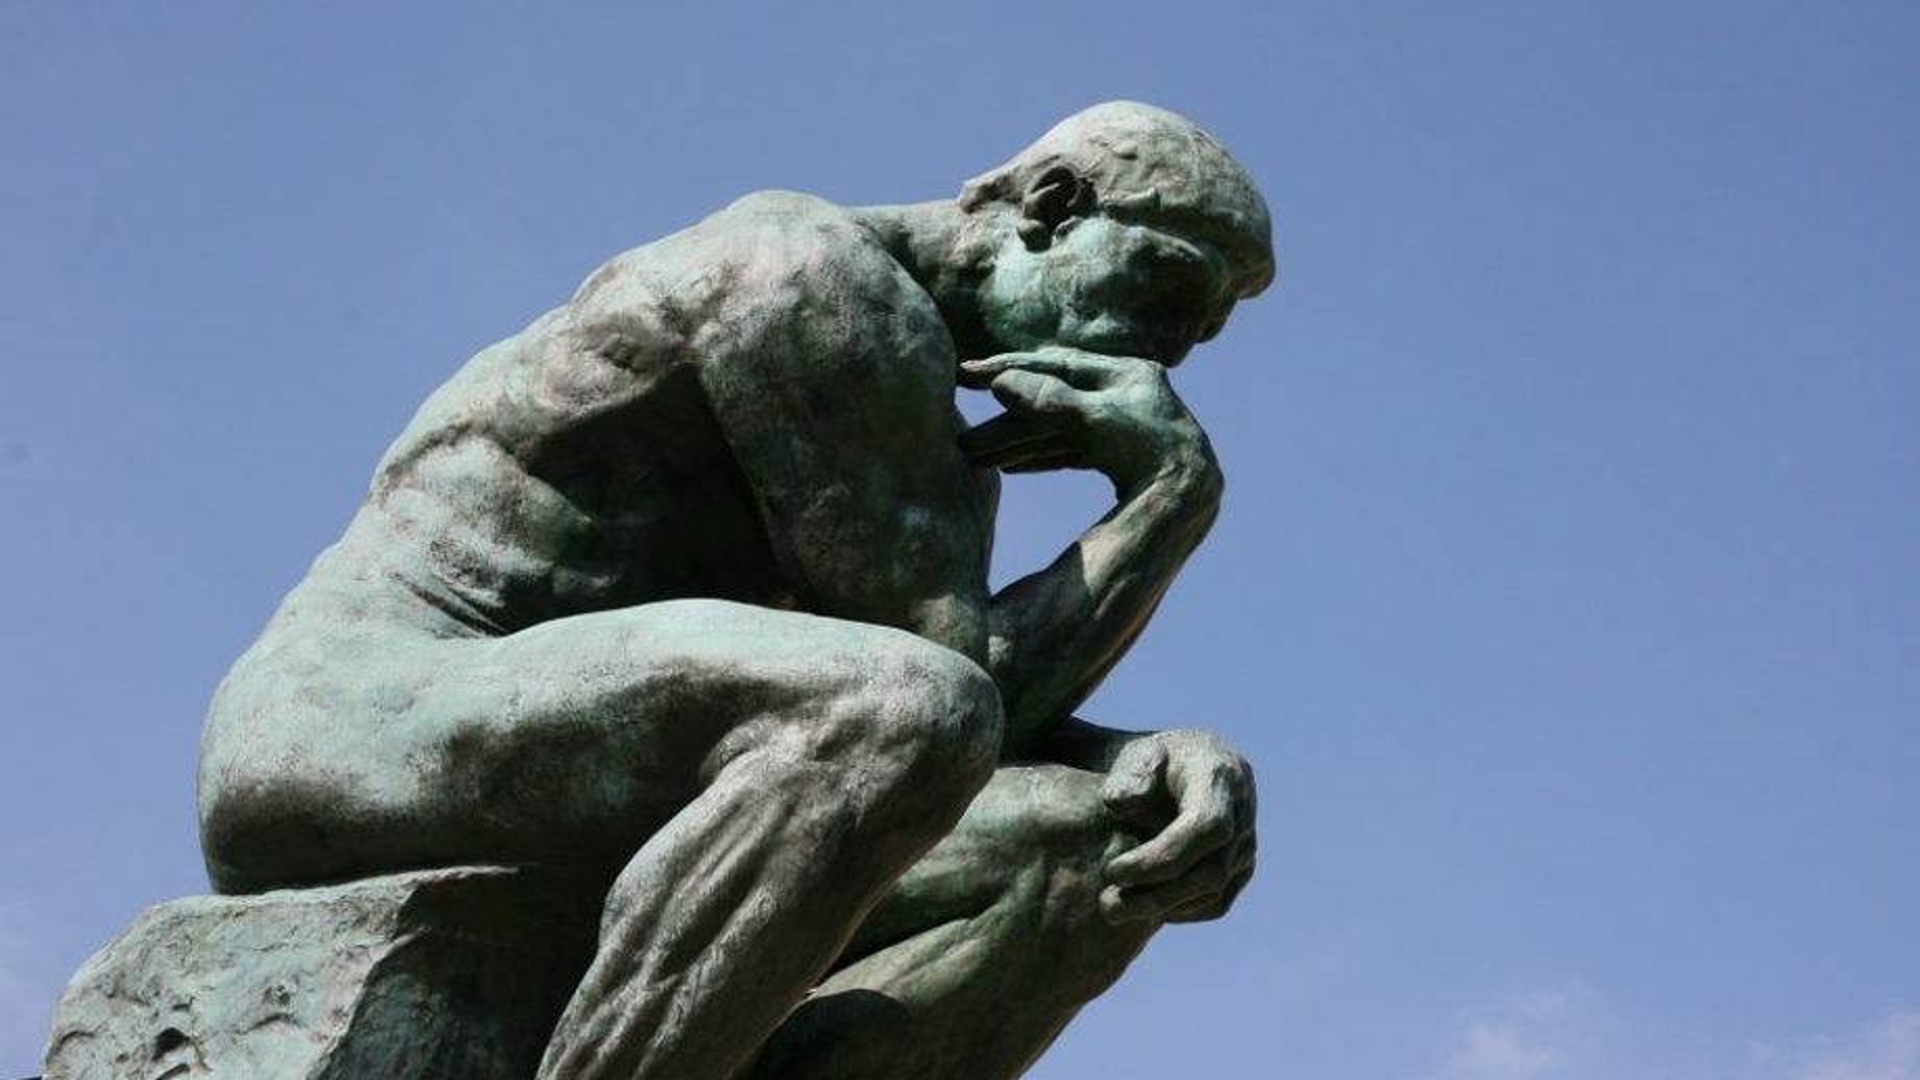 Le Musée Rodin obligé de vendre certains de ses bronzes